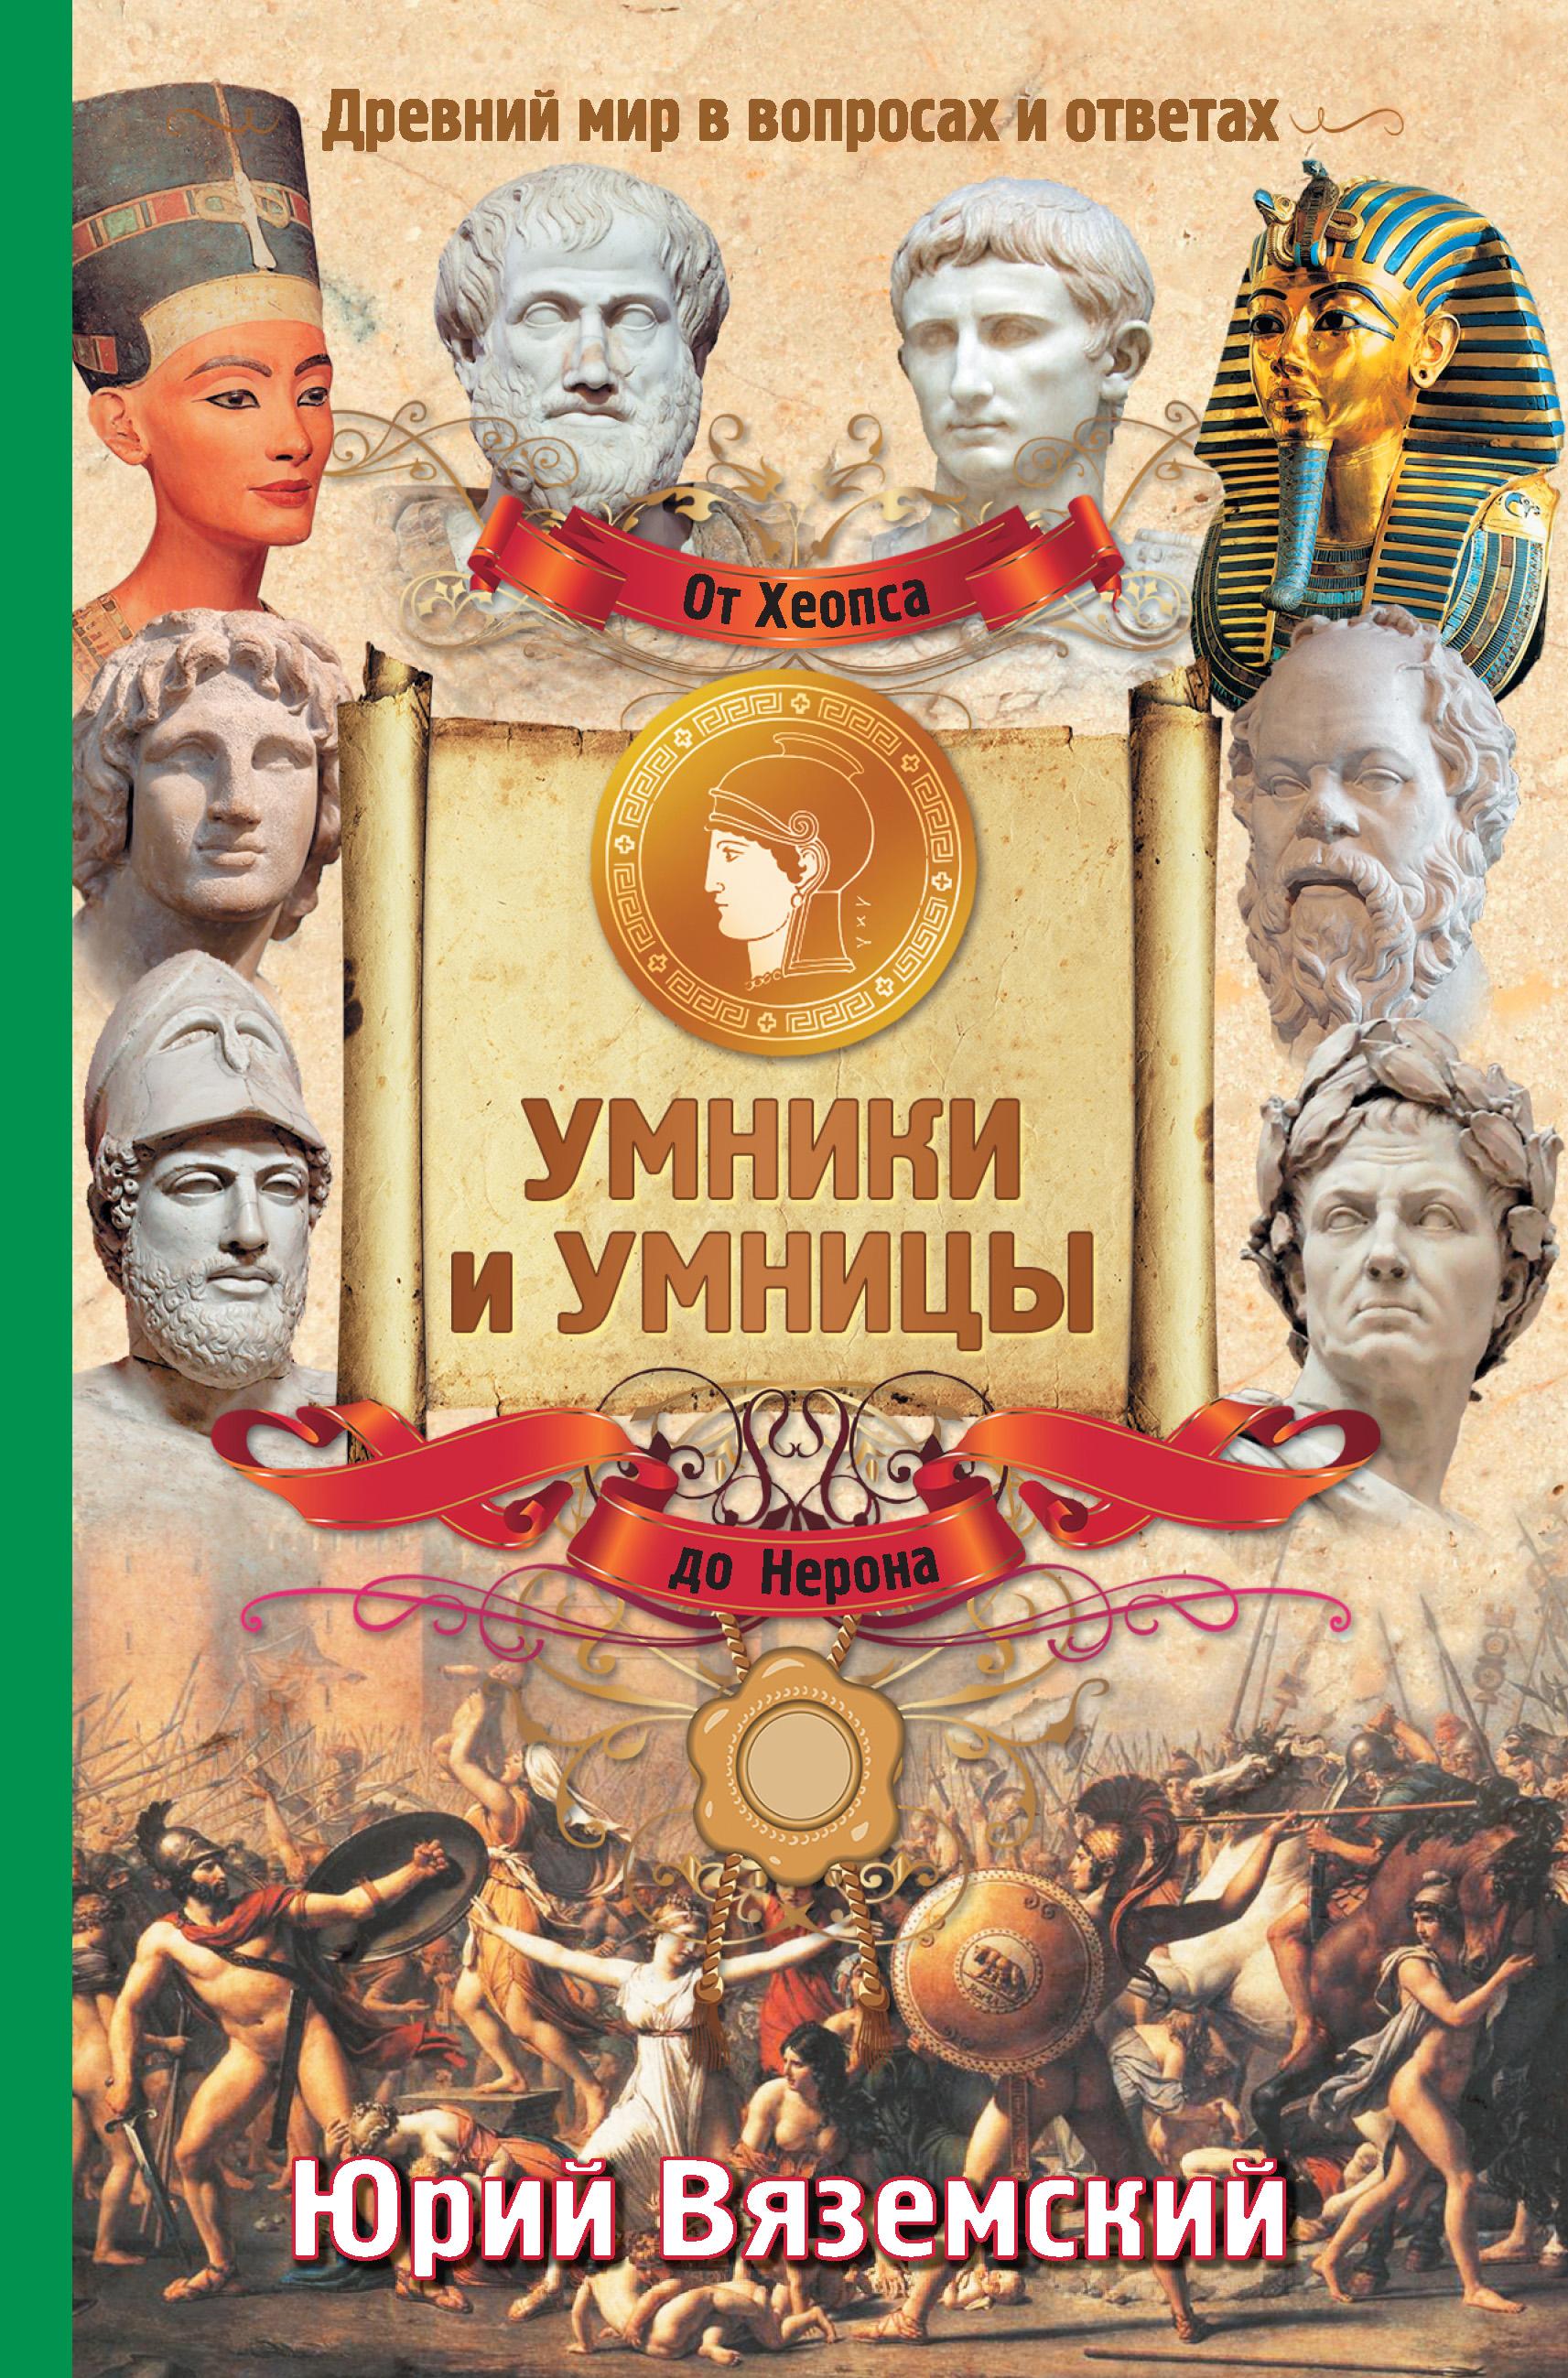 Юрий Вяземский «От фараона Хеопса до императора Нерона. Древний мир в вопросах и ответах»